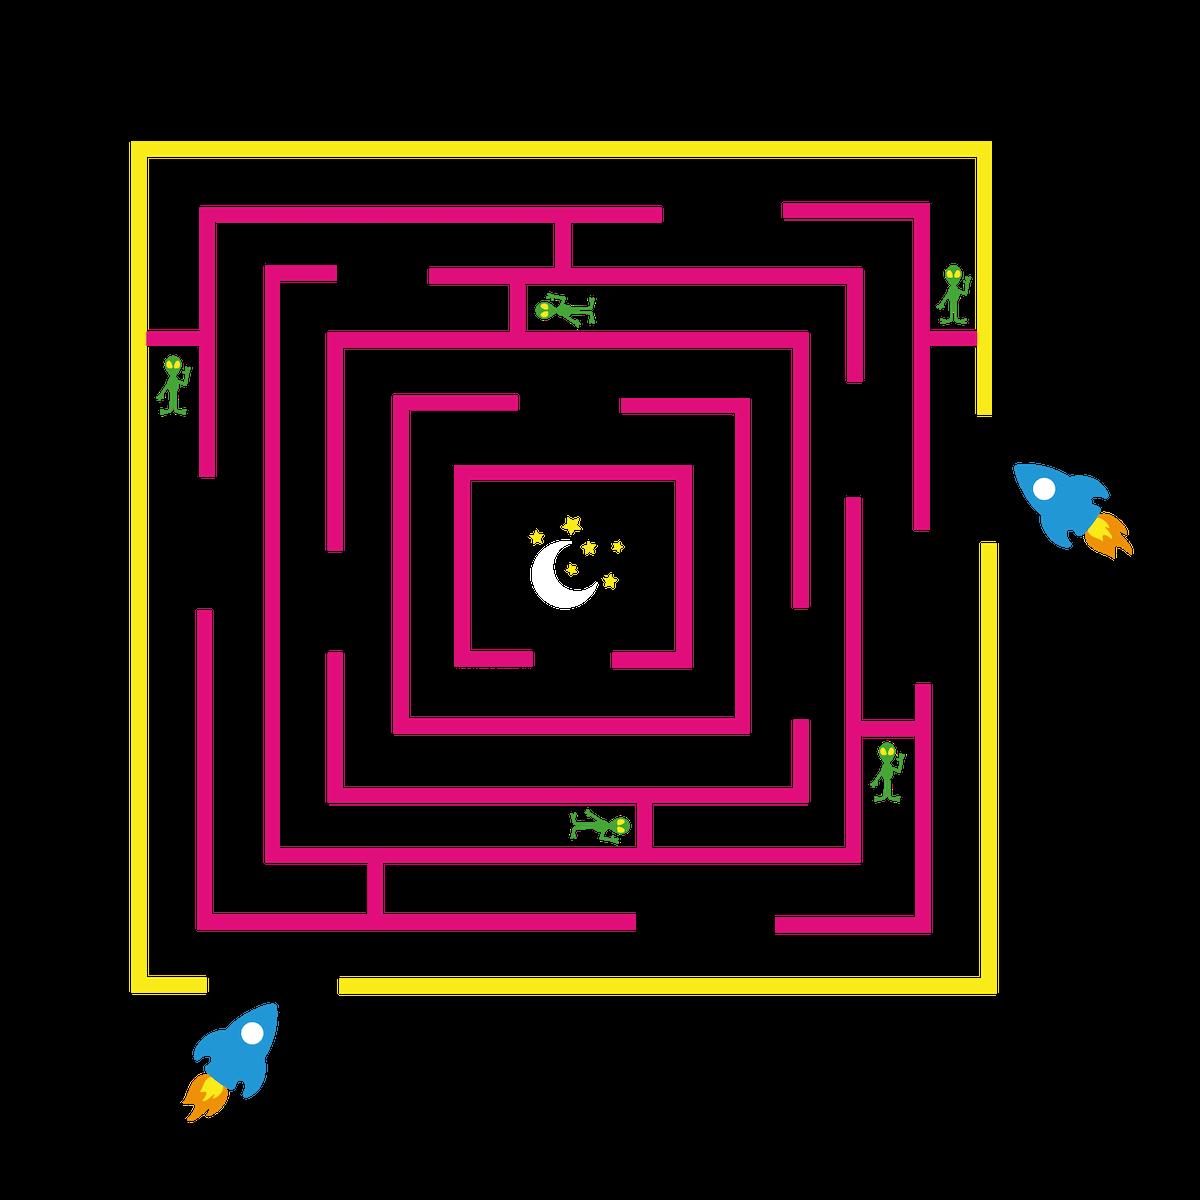 Playground Marking Space Maze